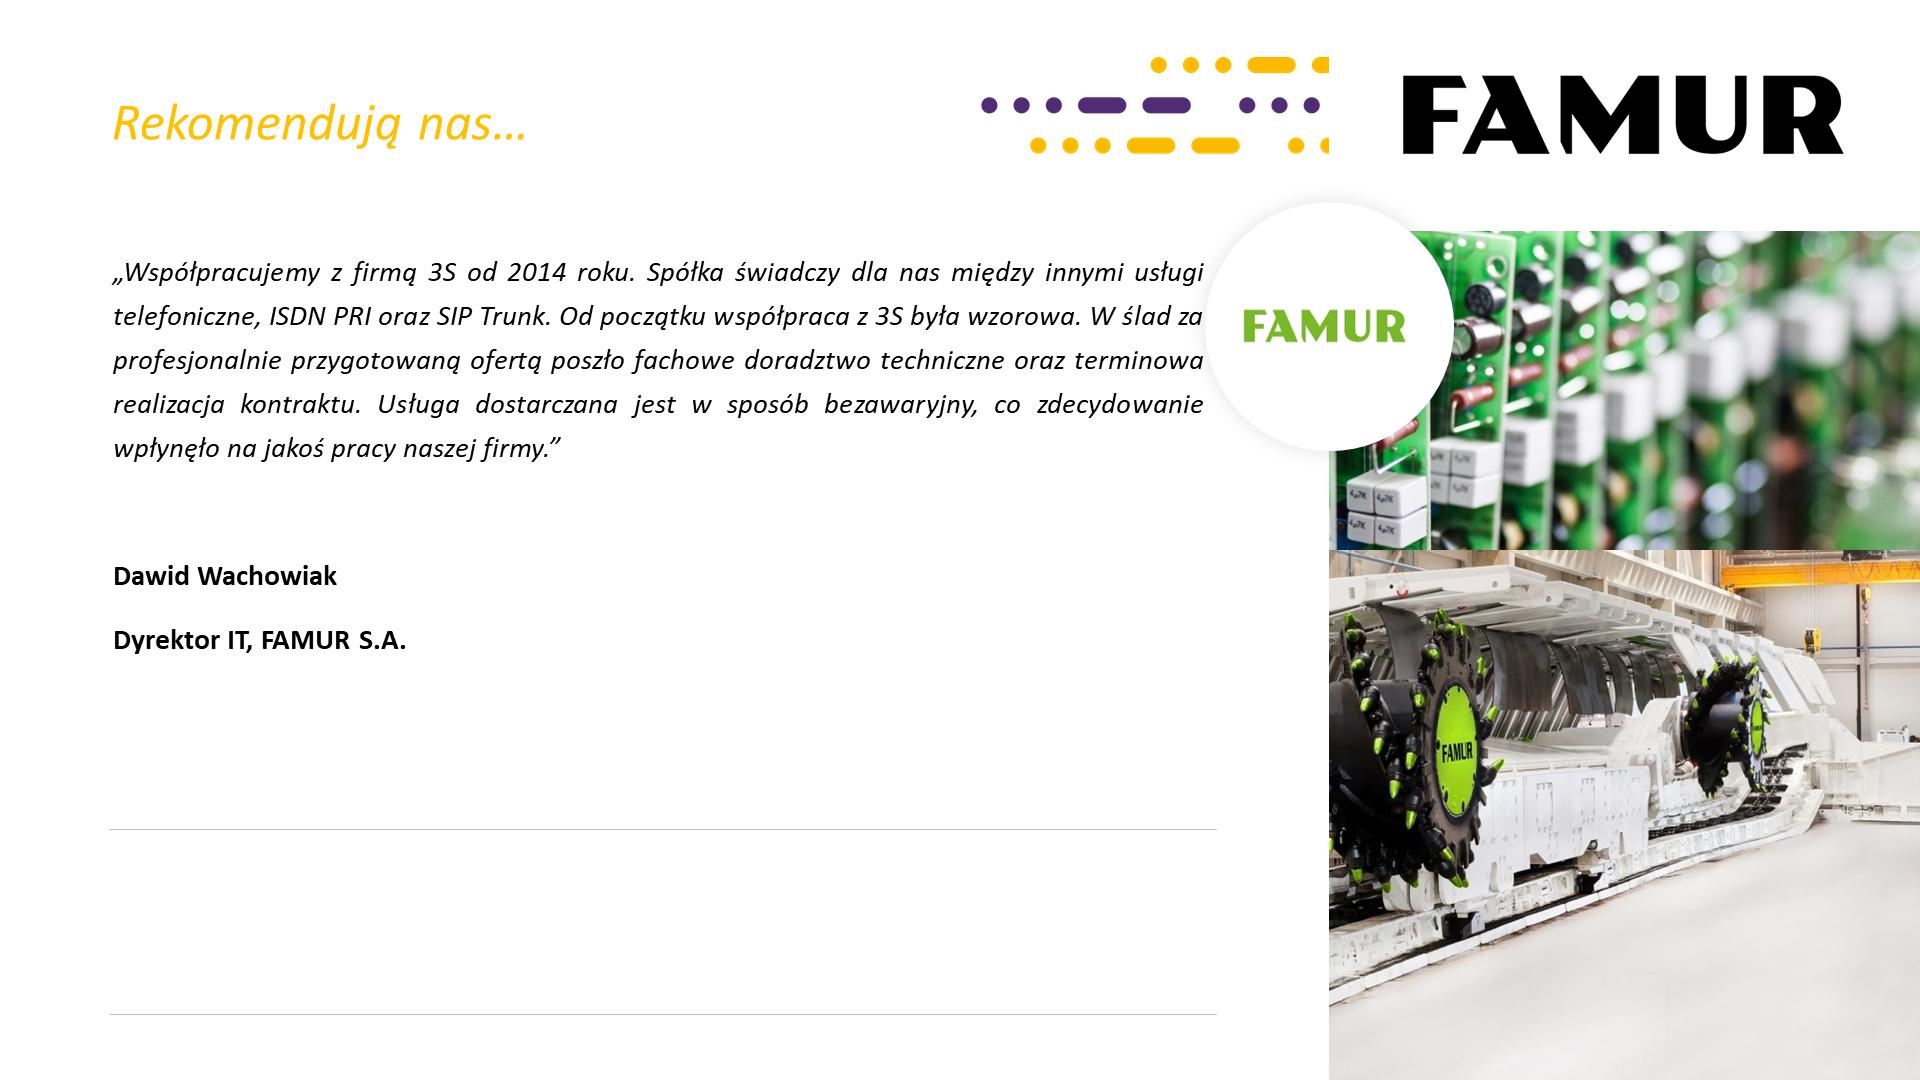 Famur - rekomendacja dla Grupa 3S